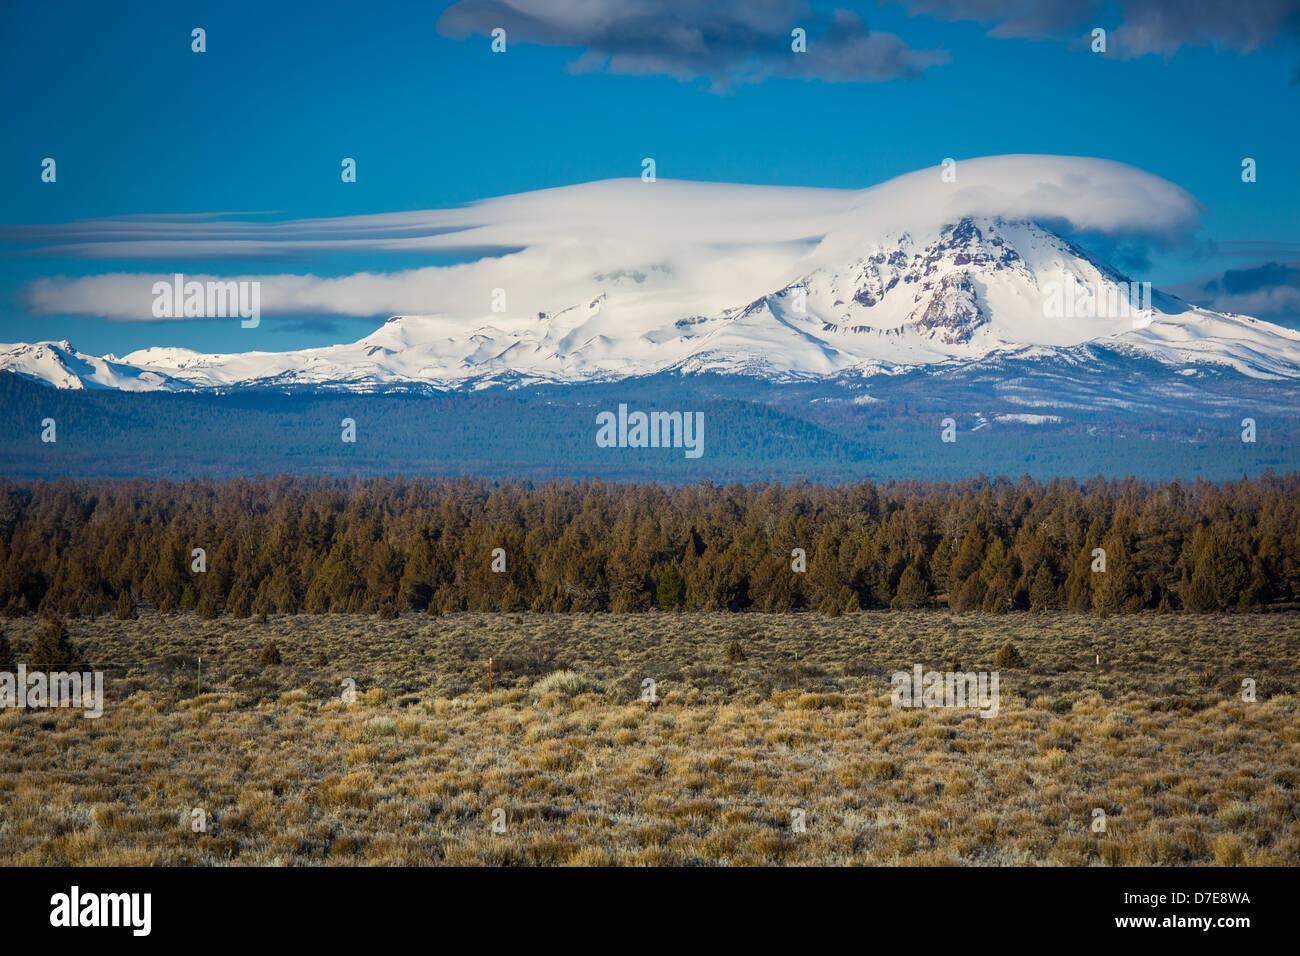 Nuages lenticulaires planant au-dessus du pic de Broken Top montagnes dans le désert de l'Orégon Soeurs Photo Stock